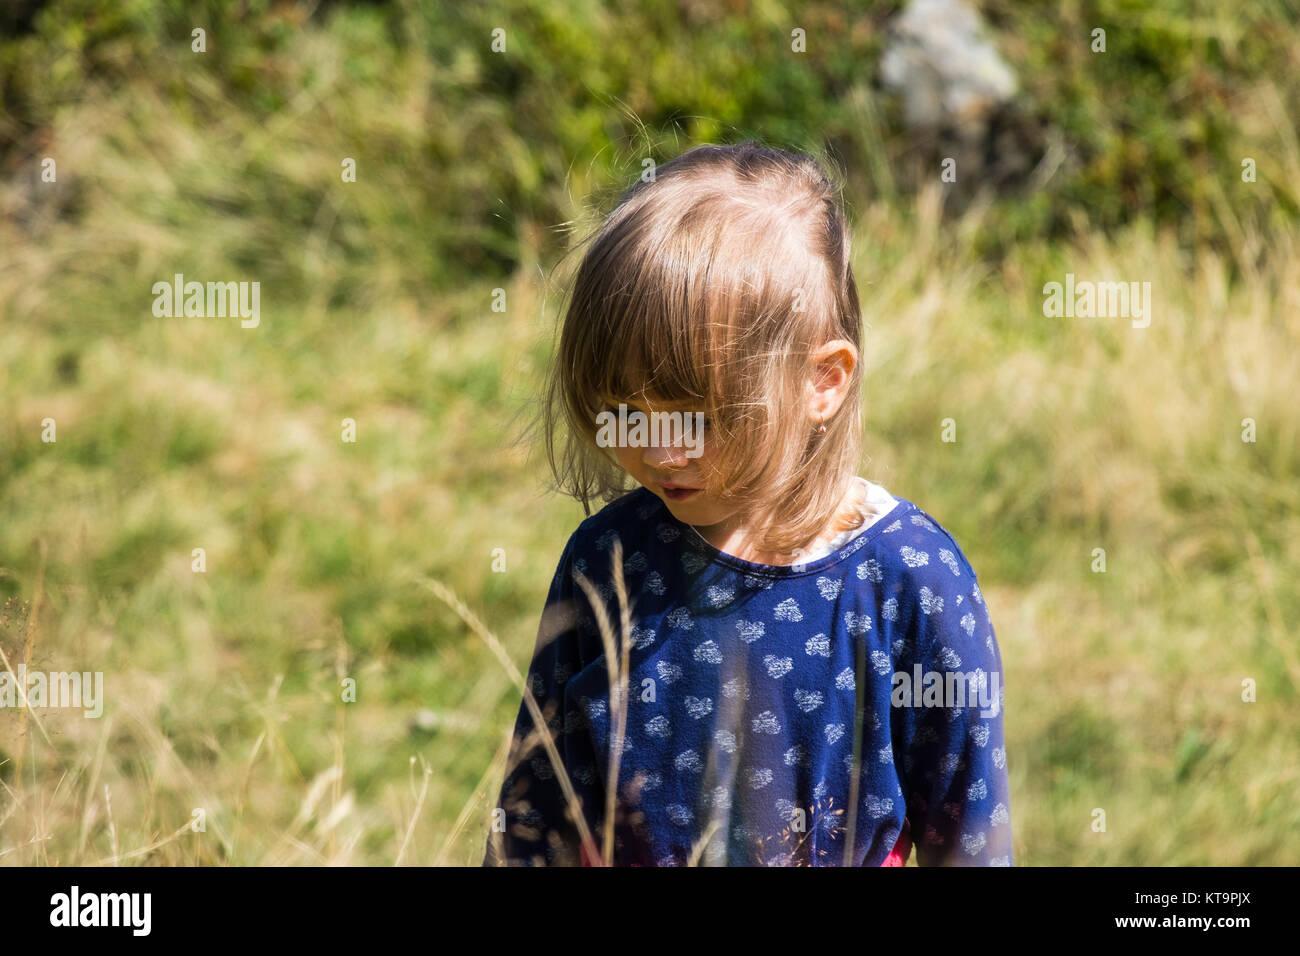 Bambina in stile vedico piegato la sua testa e il vento soffia i suoi capelli Immagini Stock